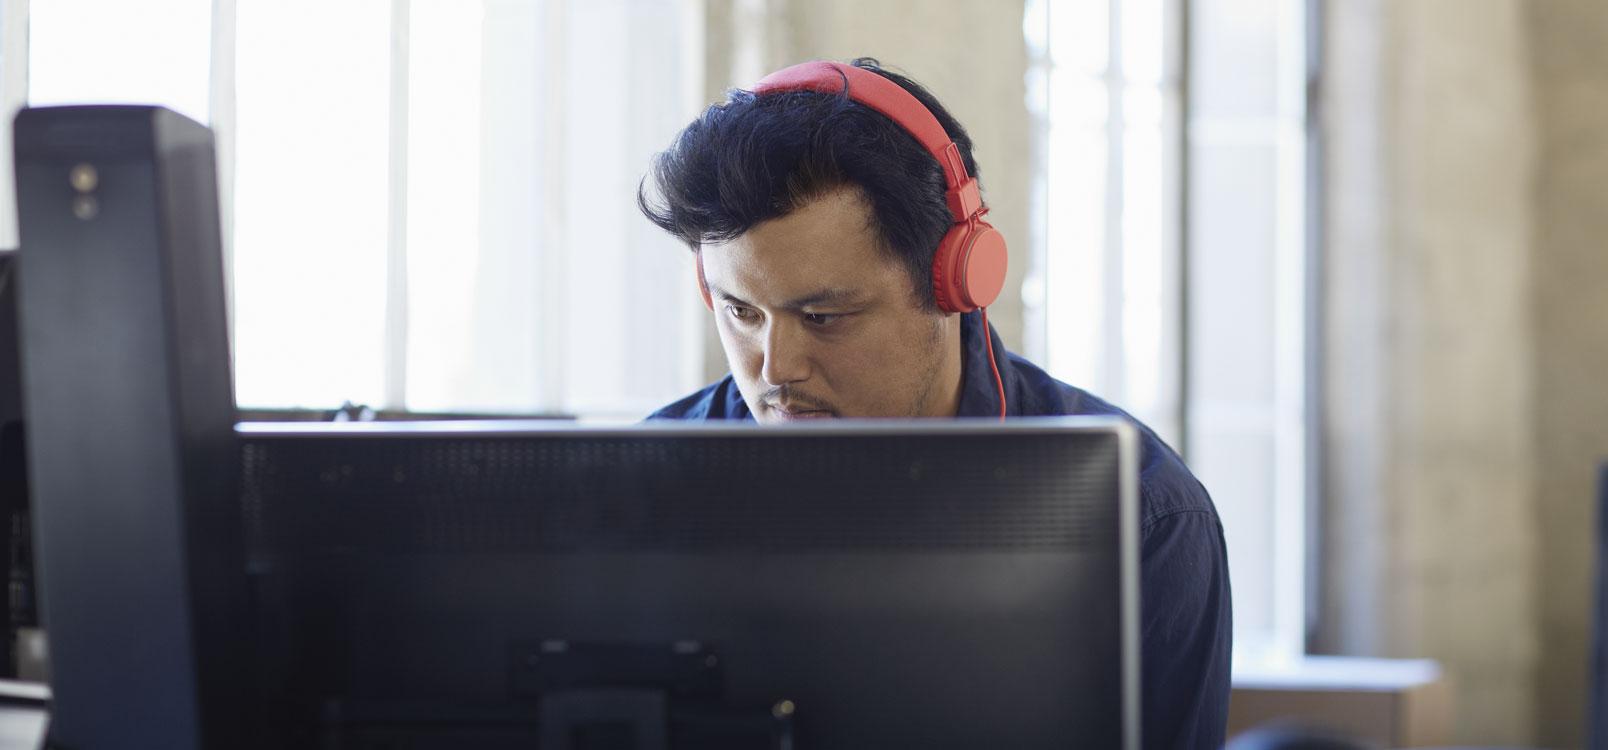 一个带着耳机的男人正在使用台式电脑,通过使用 Office 365 简化 IT。